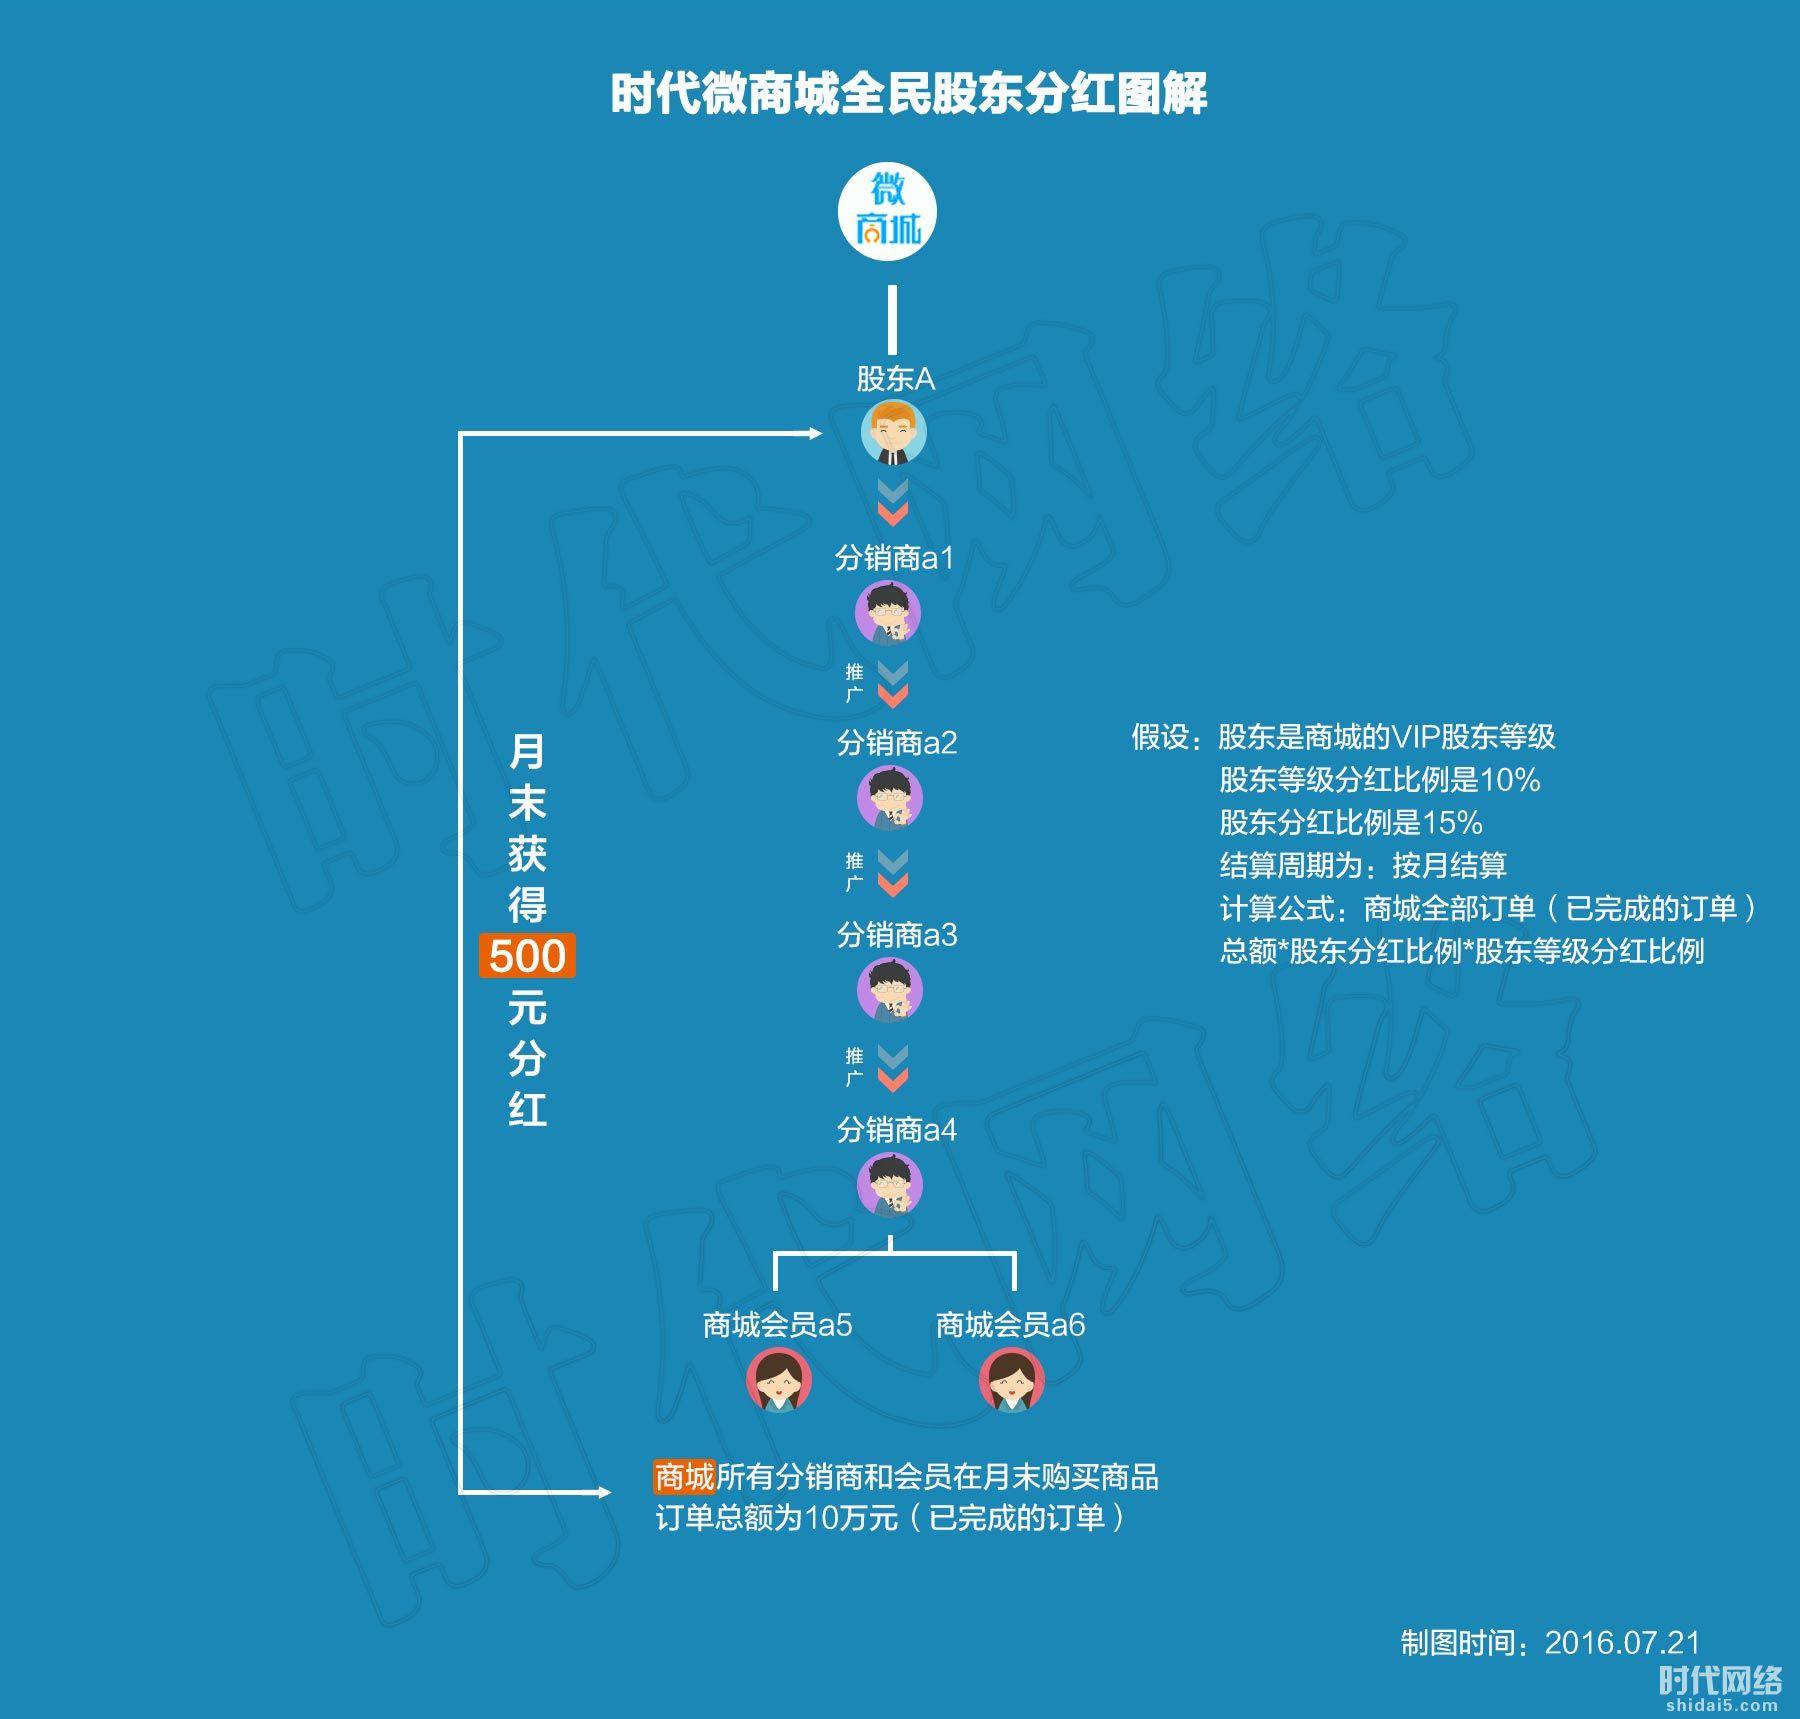 时代微商城全民股东分红图解.jpg